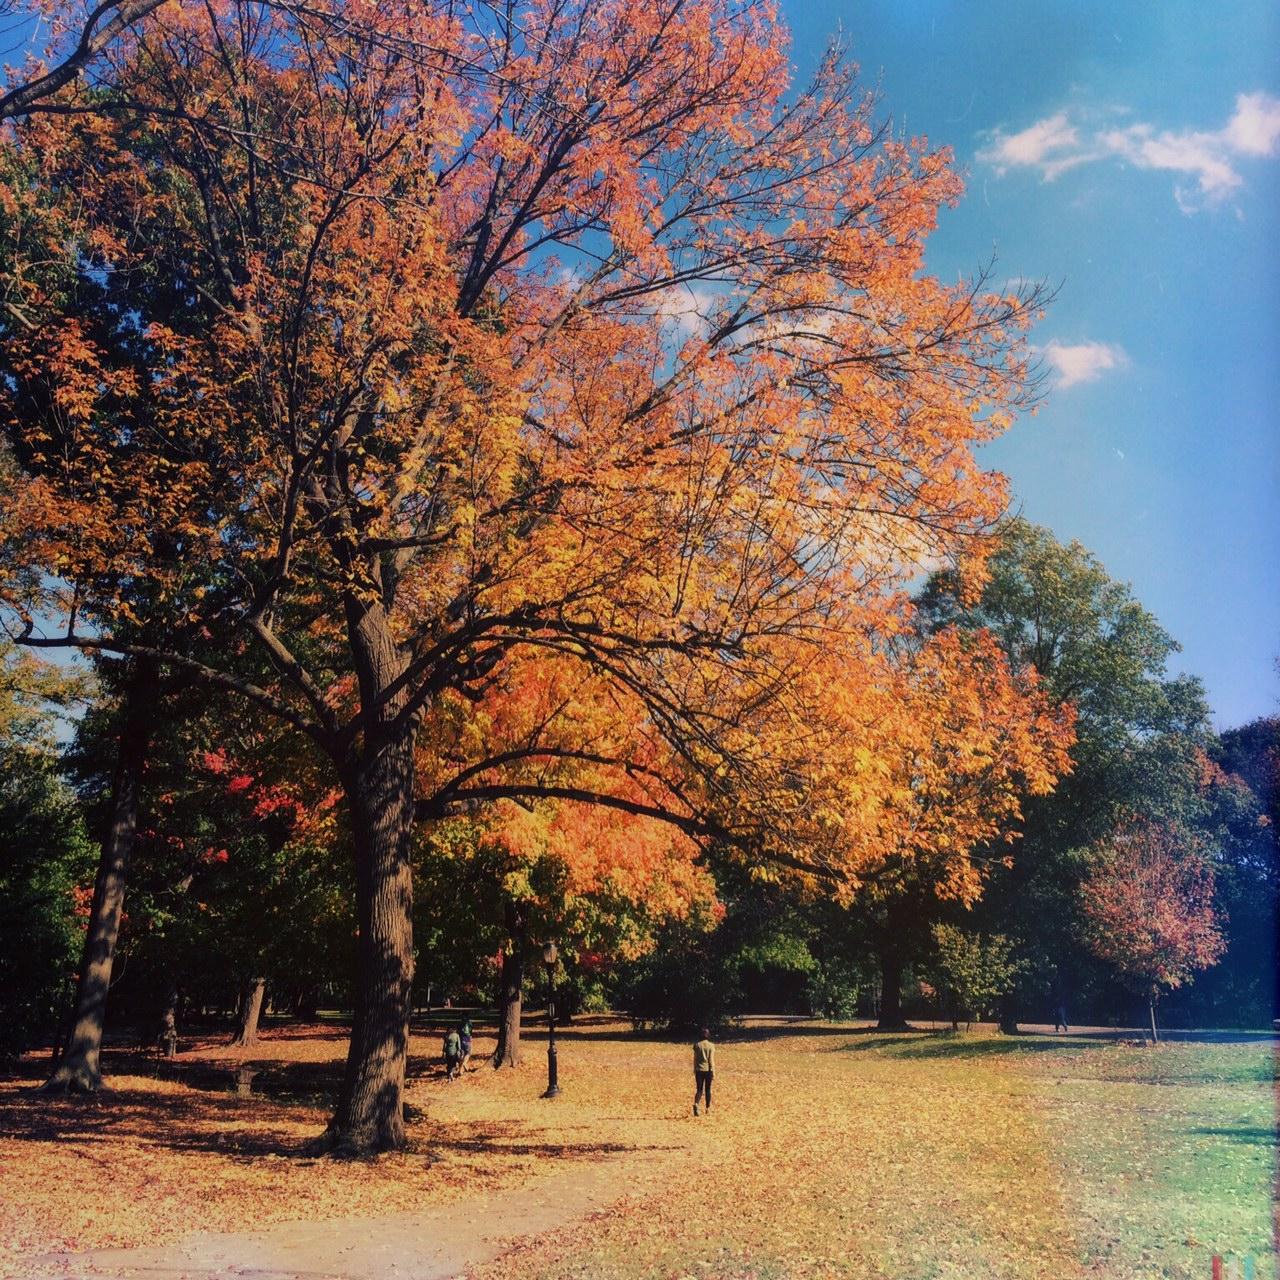 Take a stroll along the many pathways, Prospect Park